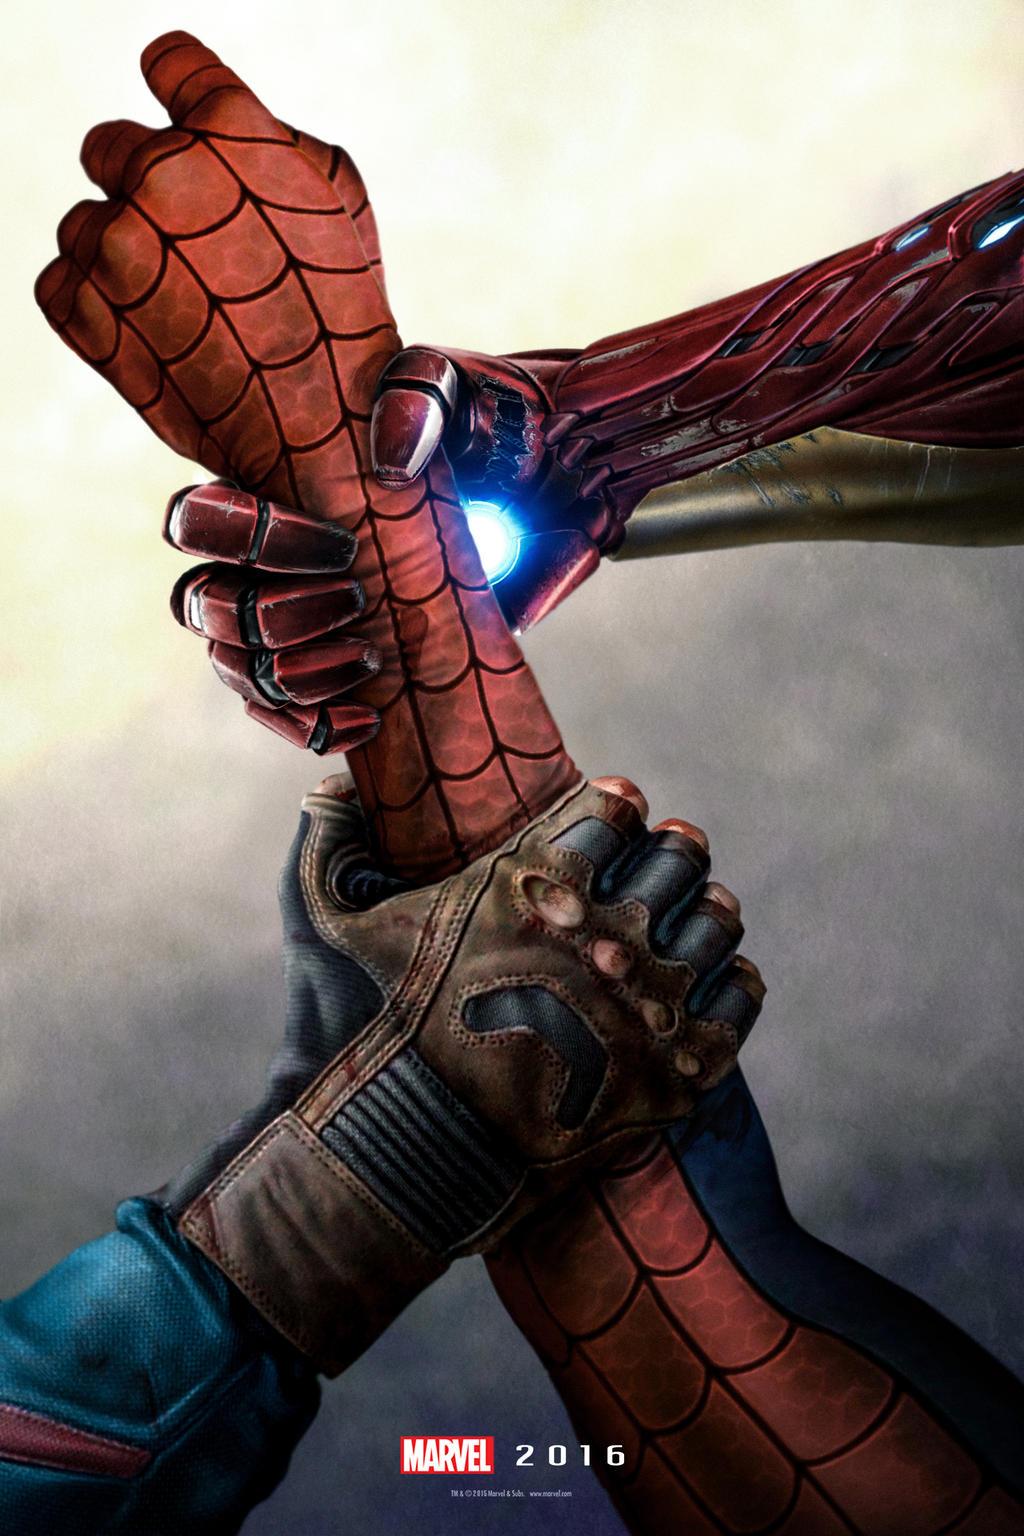 Captain America: Civil War teaser poster